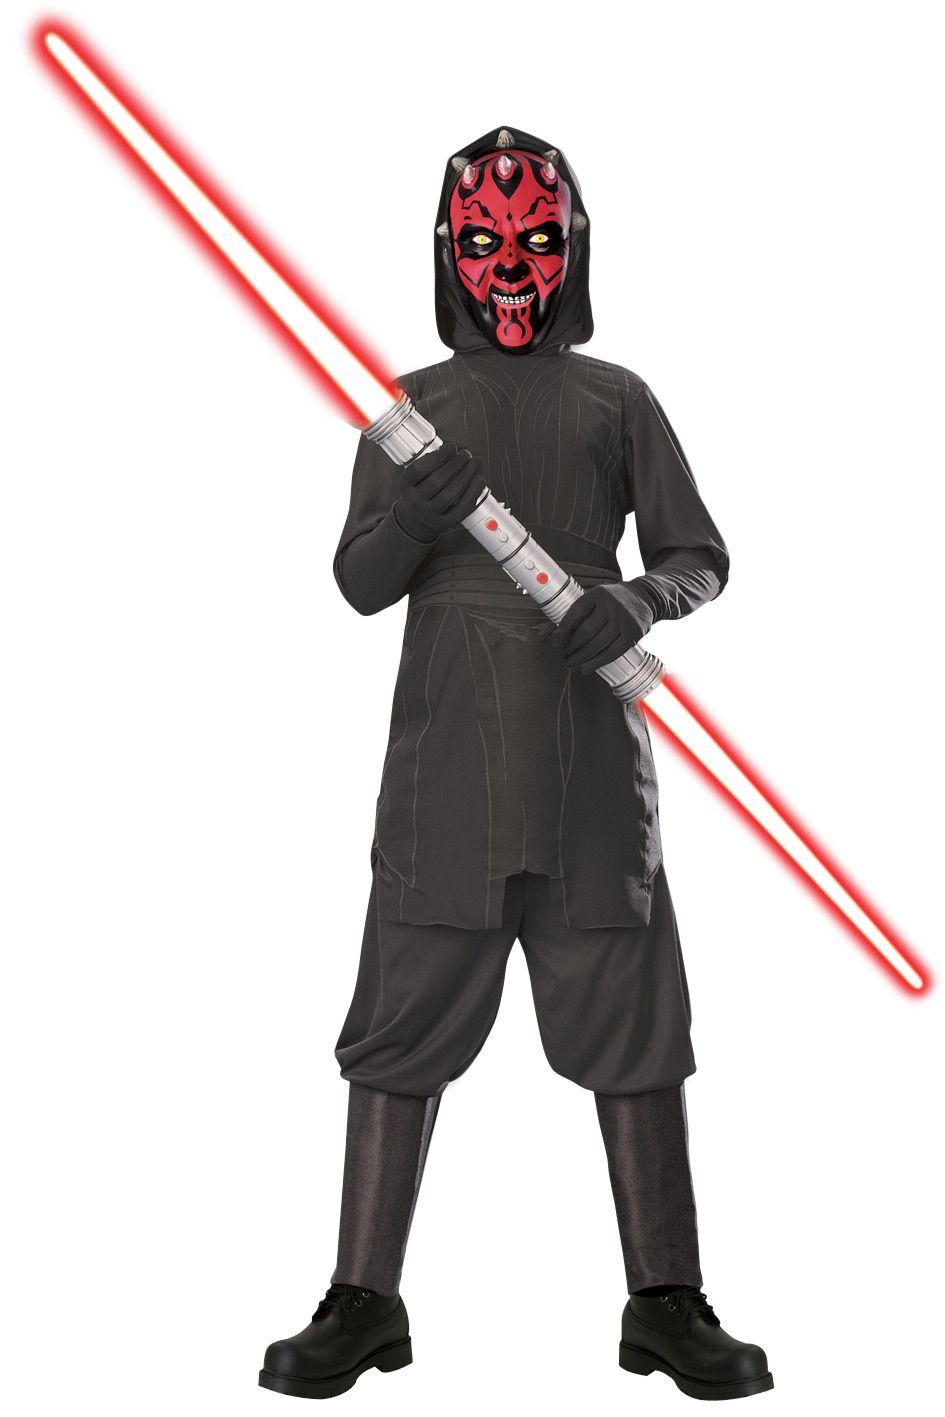 déguisement Darth Maul™ | Costume star wars, Dark maul